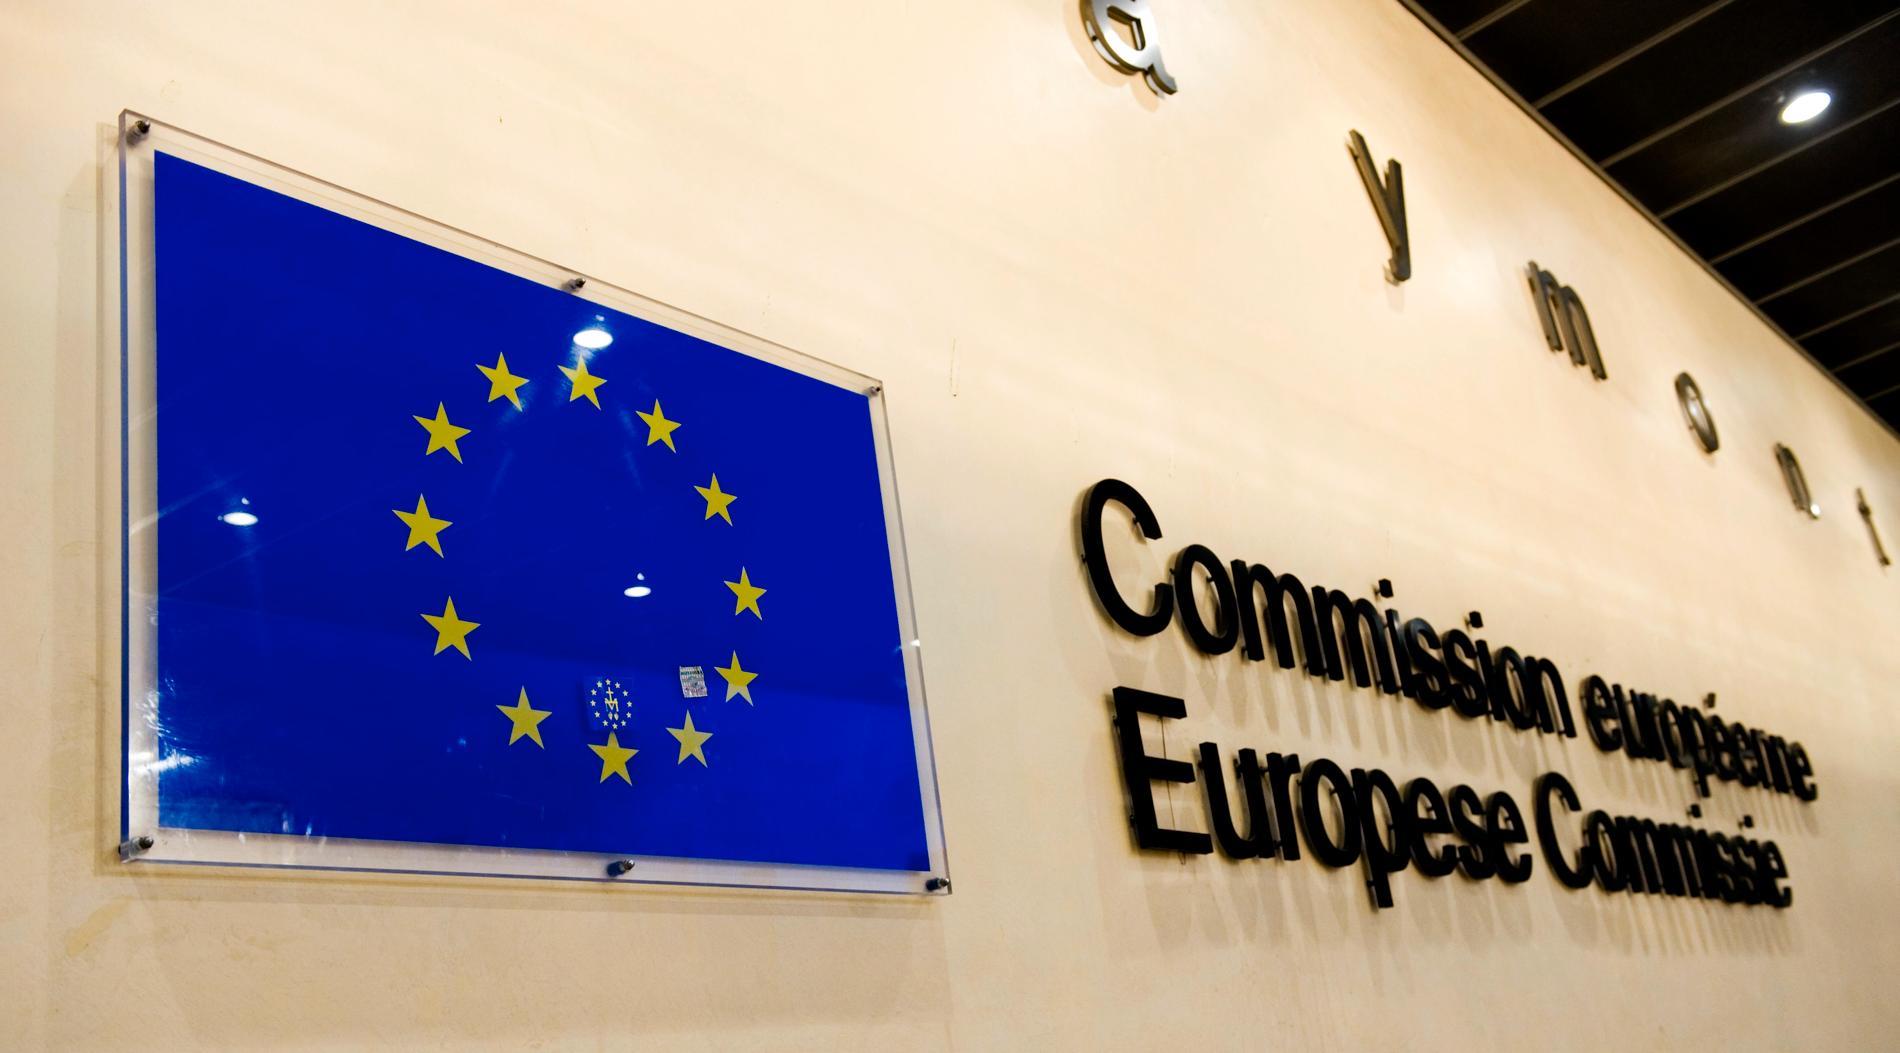 EU-kommissionens byggnad Berlaymont i Bryssel. Arkivfoto.